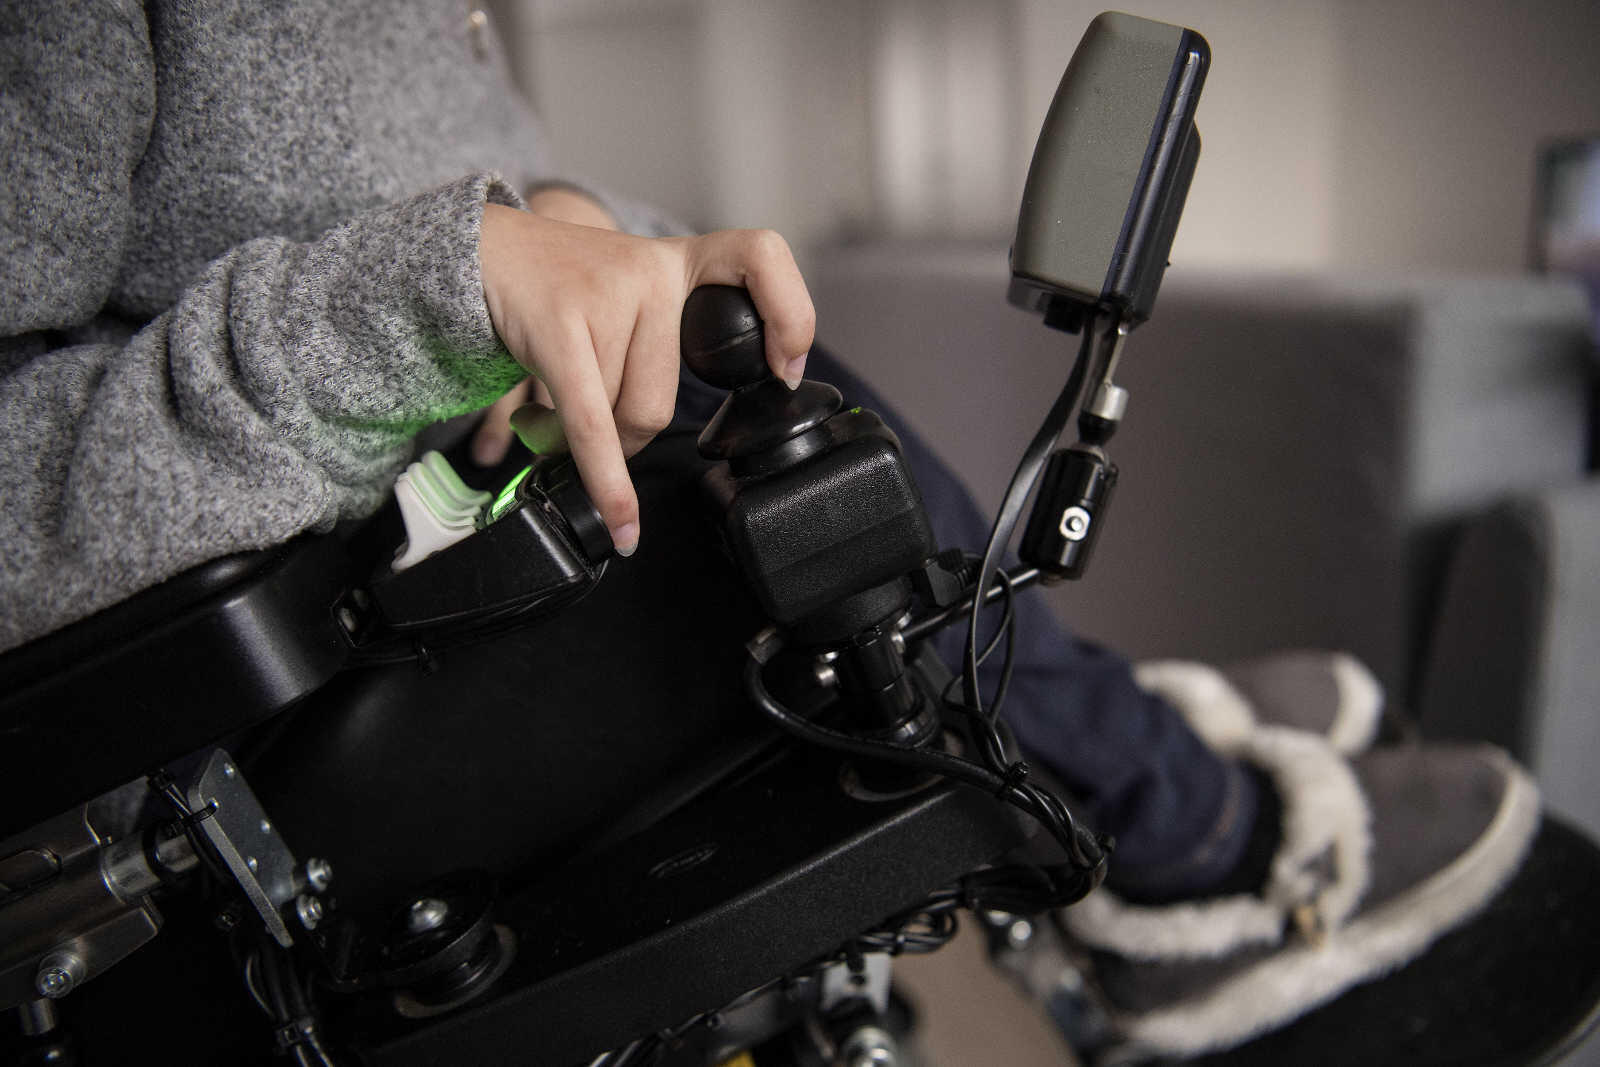 Le projet de loi Elan prévoit une réduction drastique du nombre de logements neufs directement accessibles aux personnes handicapées.